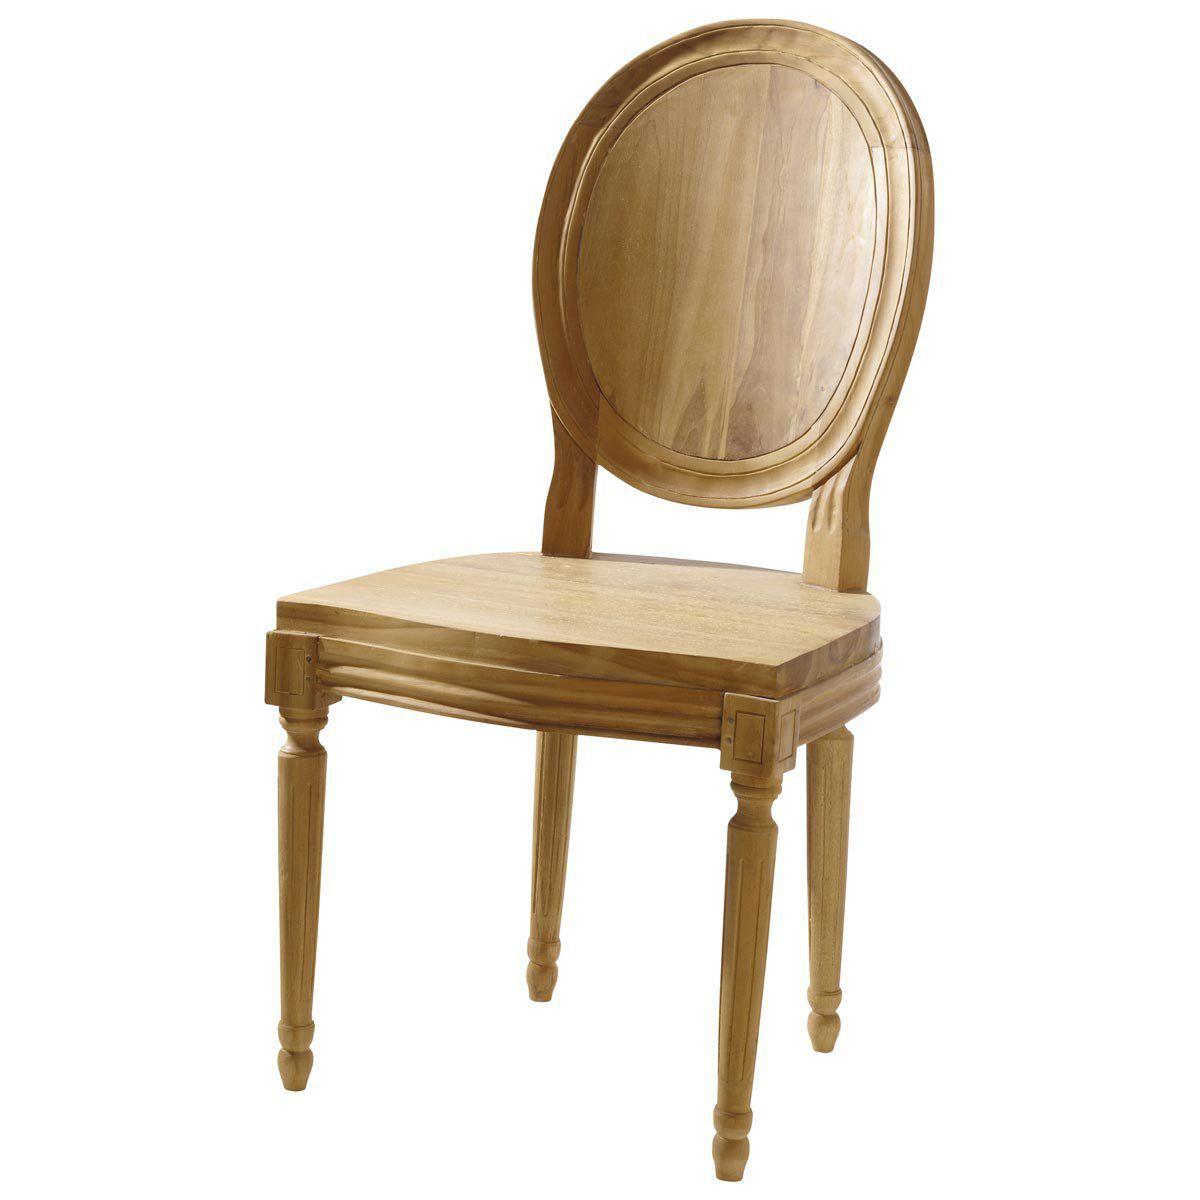 Mueble muebles de jardin baratos ebay galer a de fotos for Muebles exterior baratos